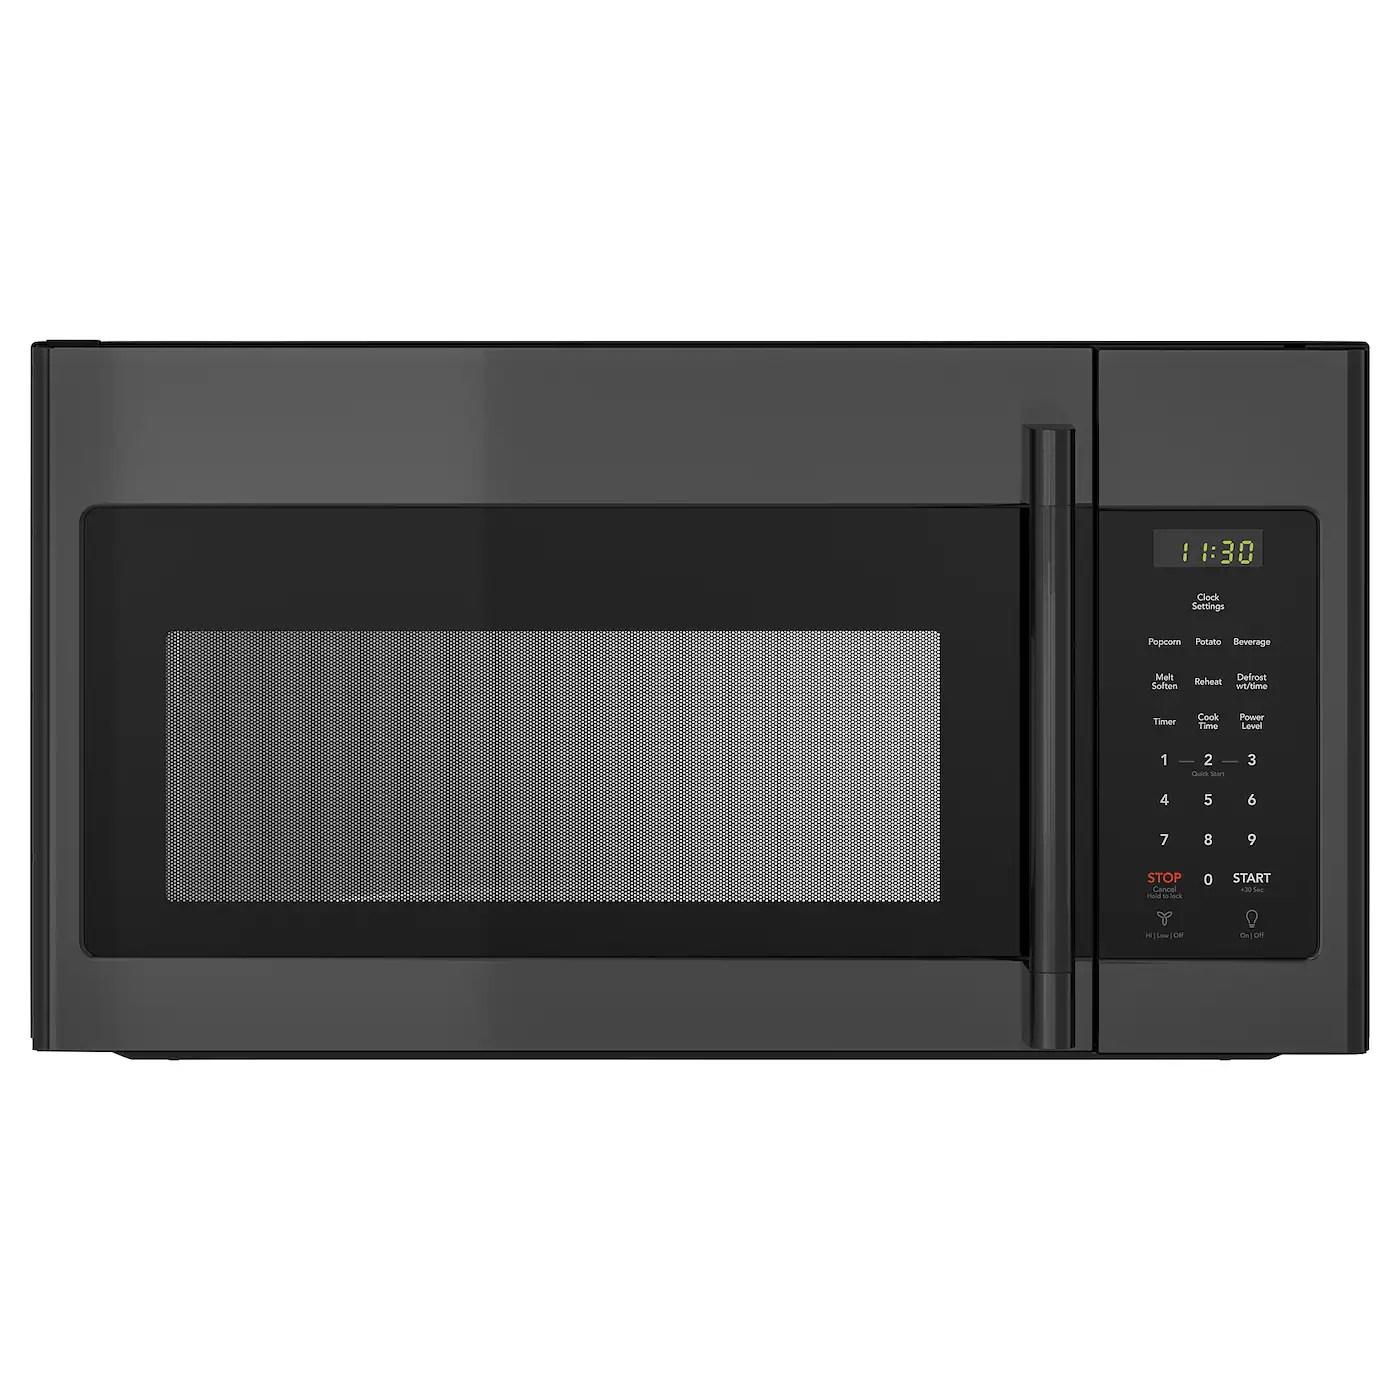 medelniva over the range microwave black stainless steel